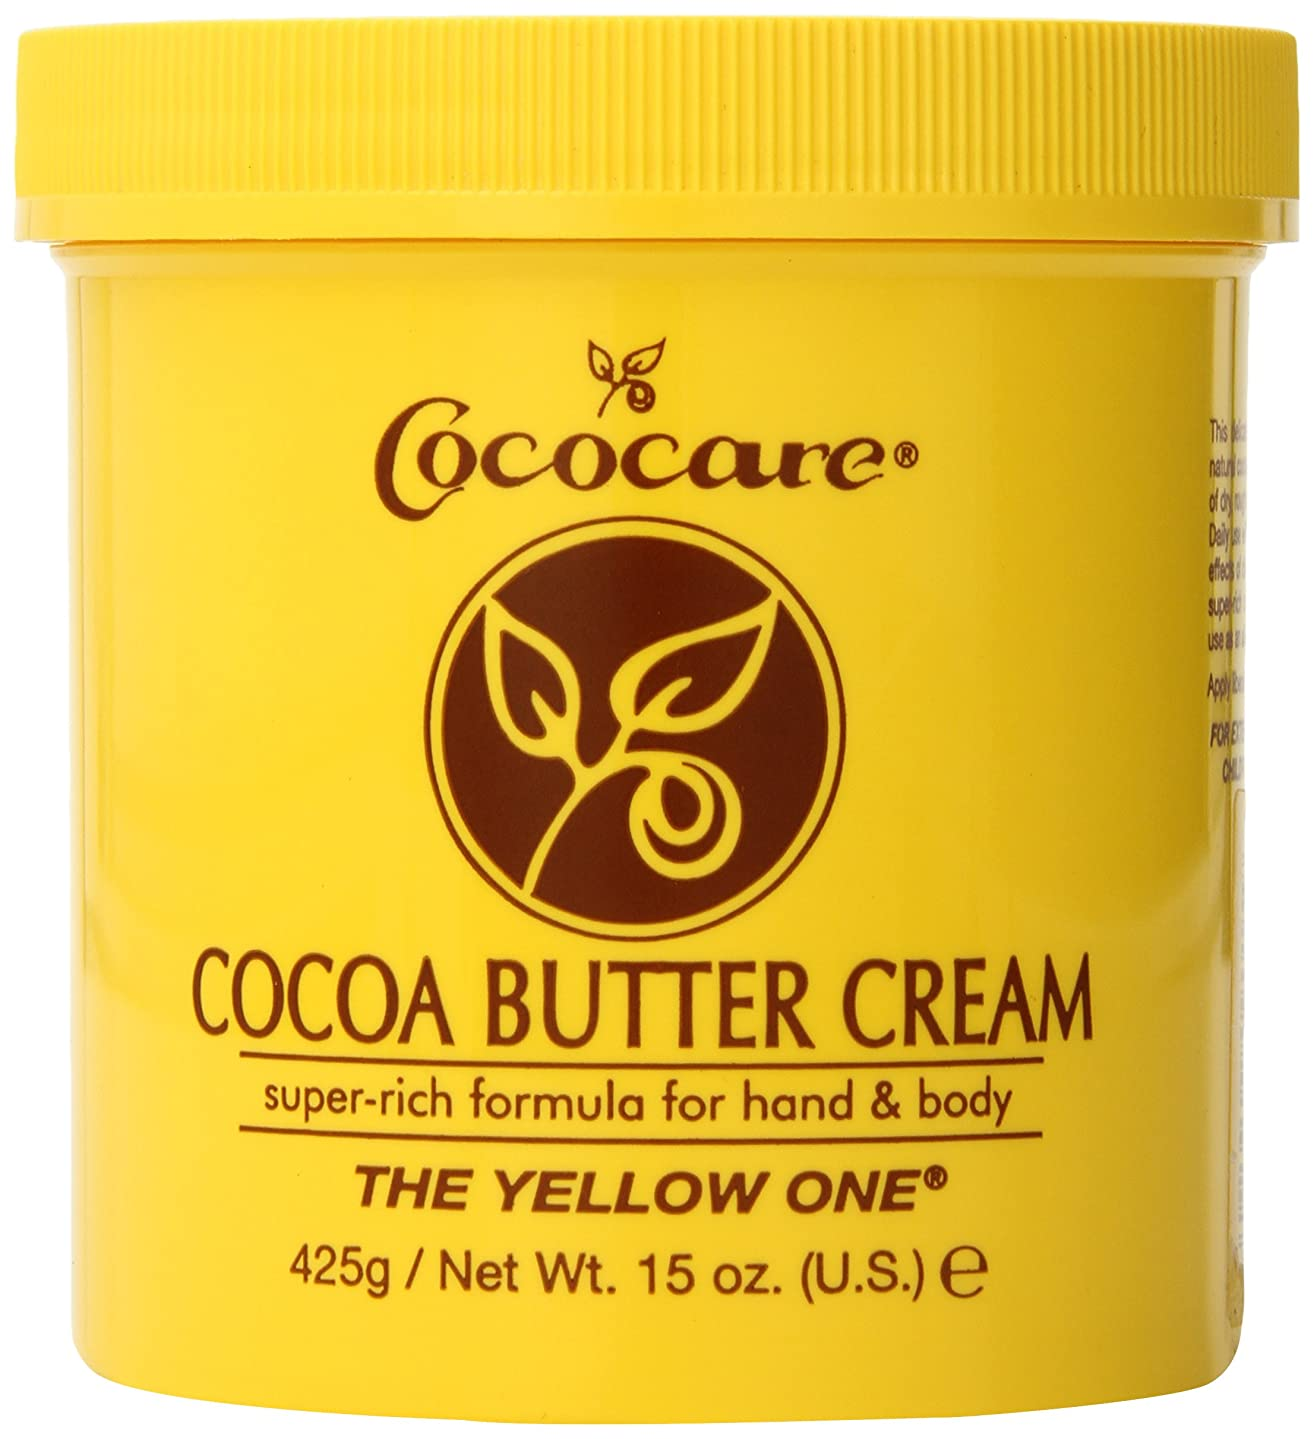 パリティ肌防止Cococare, The Yellow One, Cocoa Butter Cream, 15 oz (425 g)